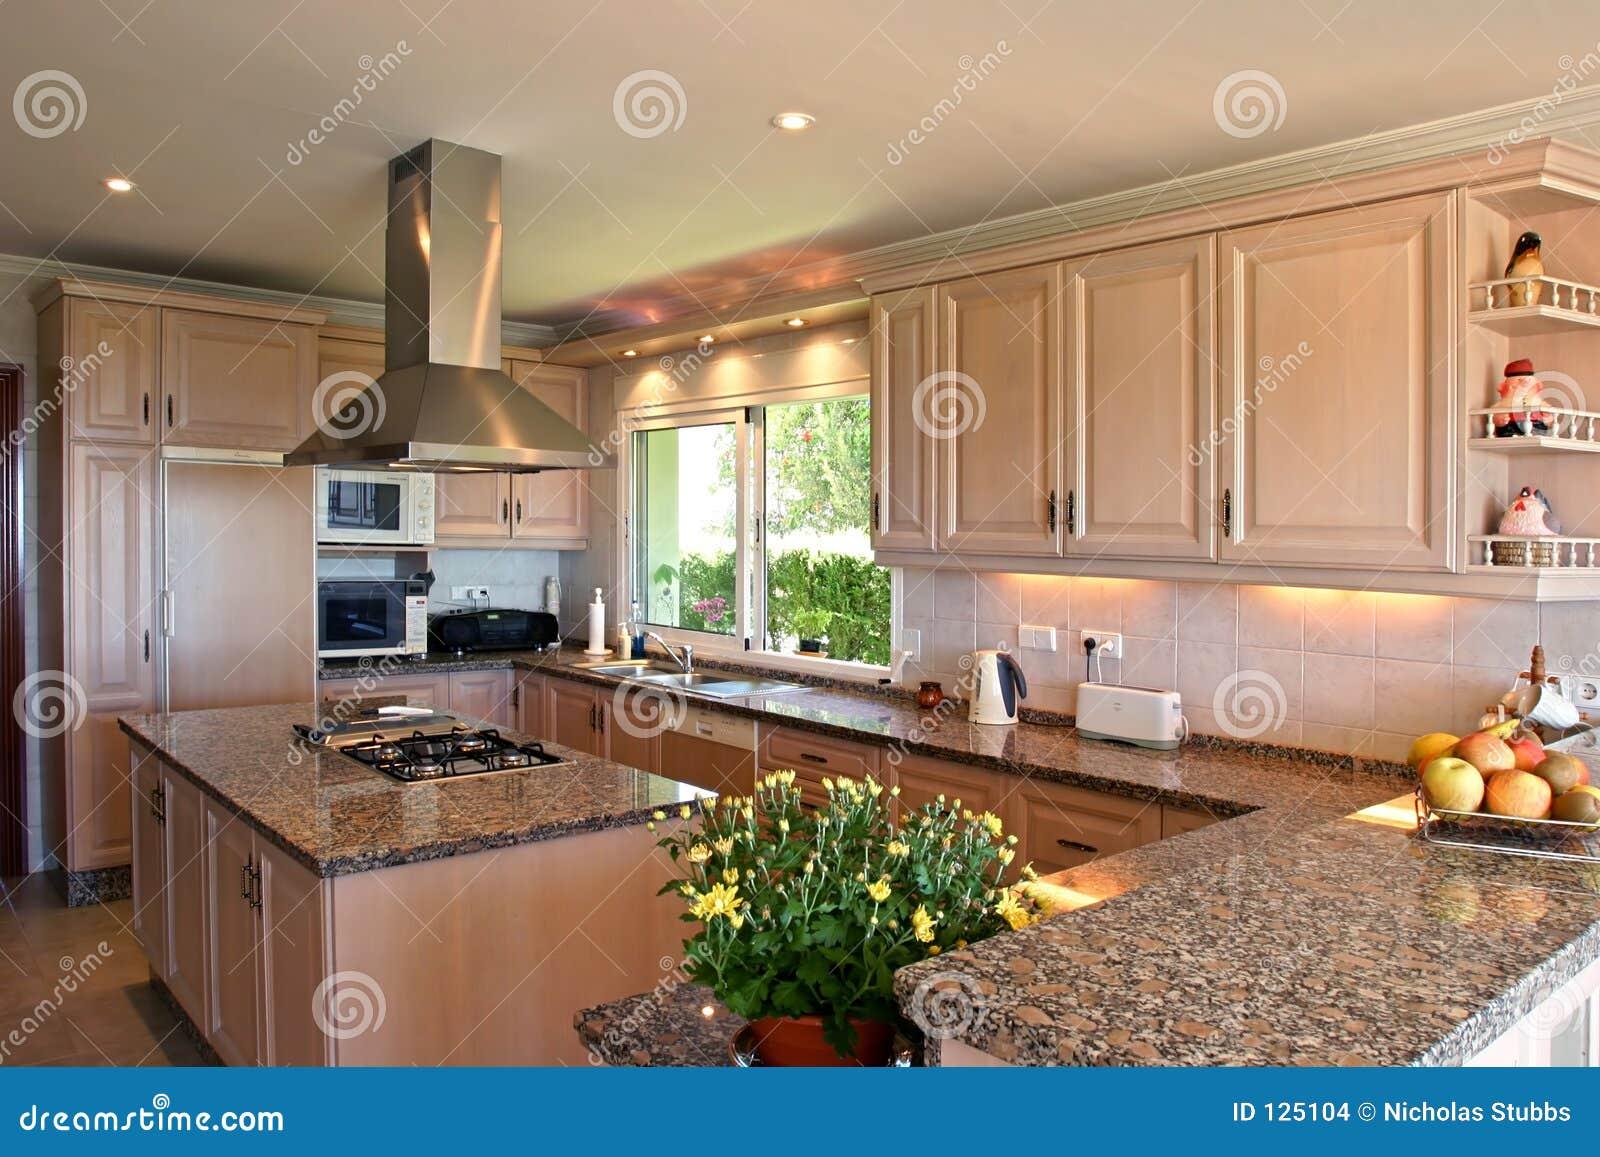 #996332  da cozinha da grande casa de campo espanhola. Com flores frescas e 1300x957 px Idéias Frescas Da Cozinha_166 Imagens